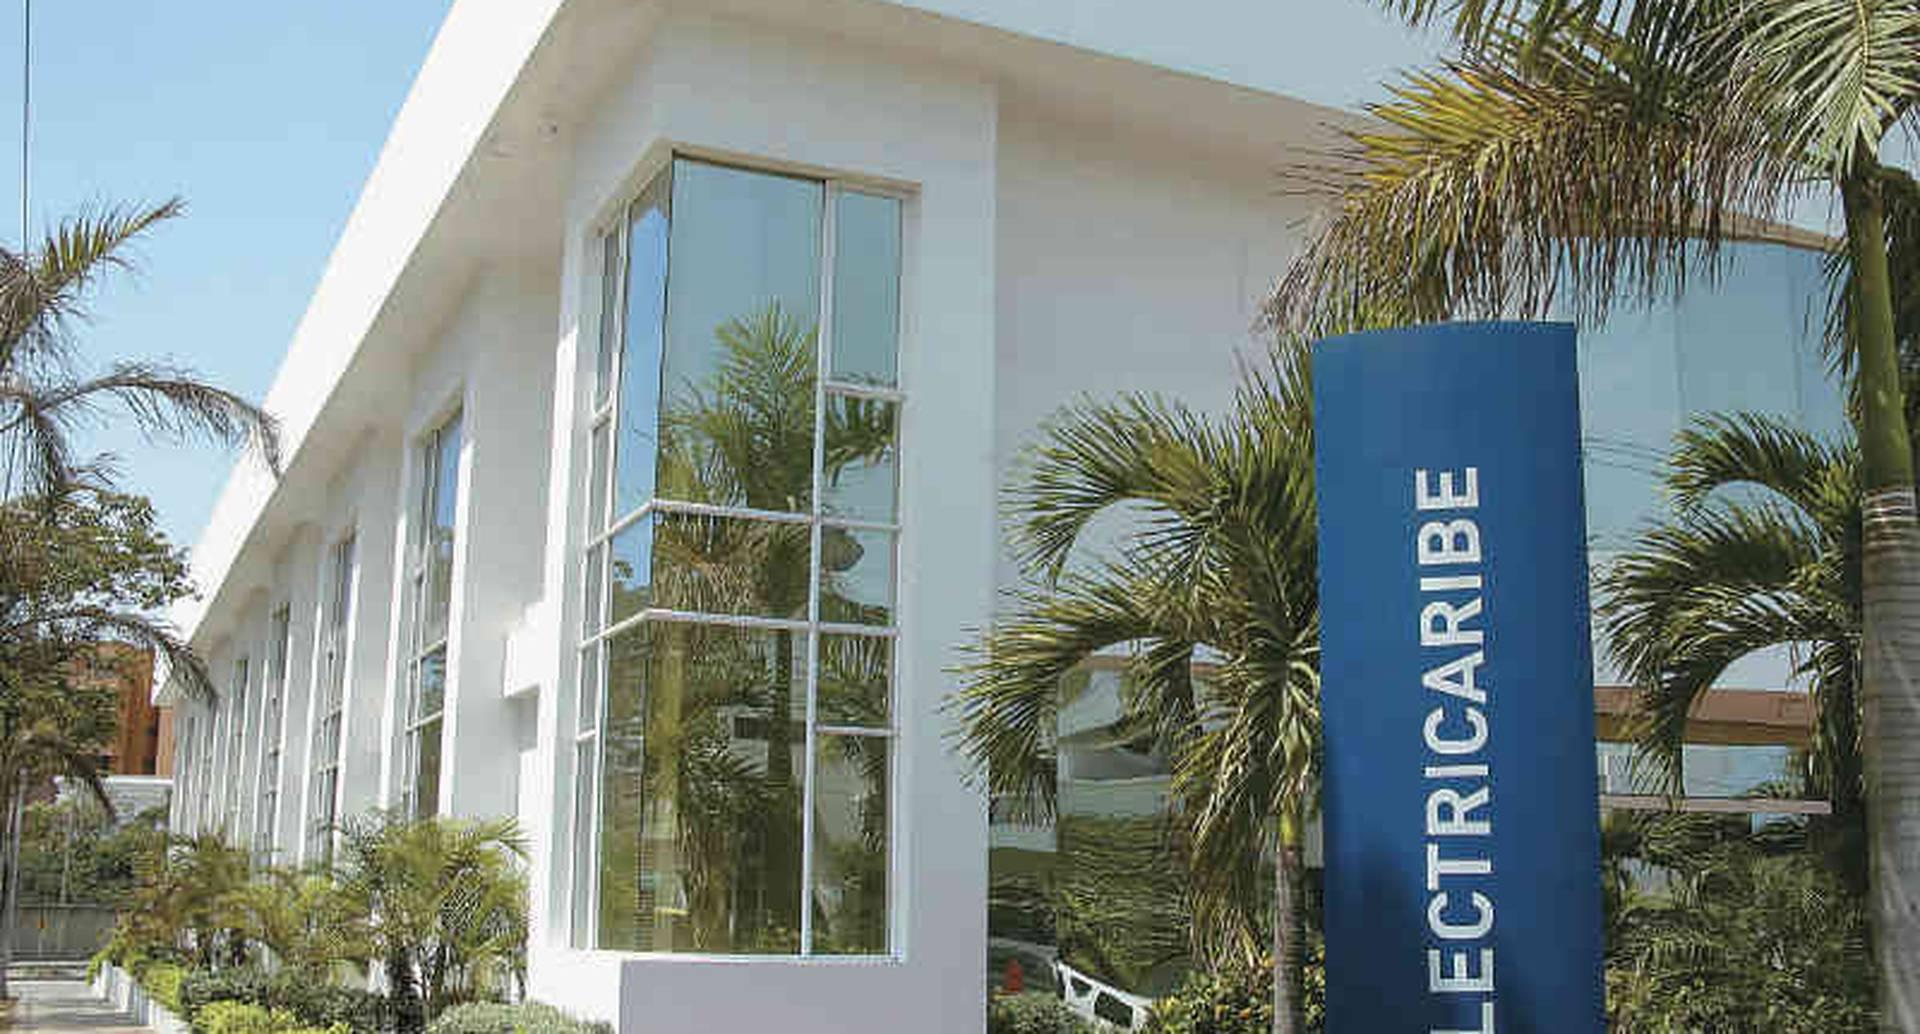 1. La suerte de Electricaribe. En las próximas semanas se conocerá la suerte de la compañía que presta servicio de energía a 2,5 millones de clientes de la costa Atlántica y factura alrededor de 4 billones de pesos al año.